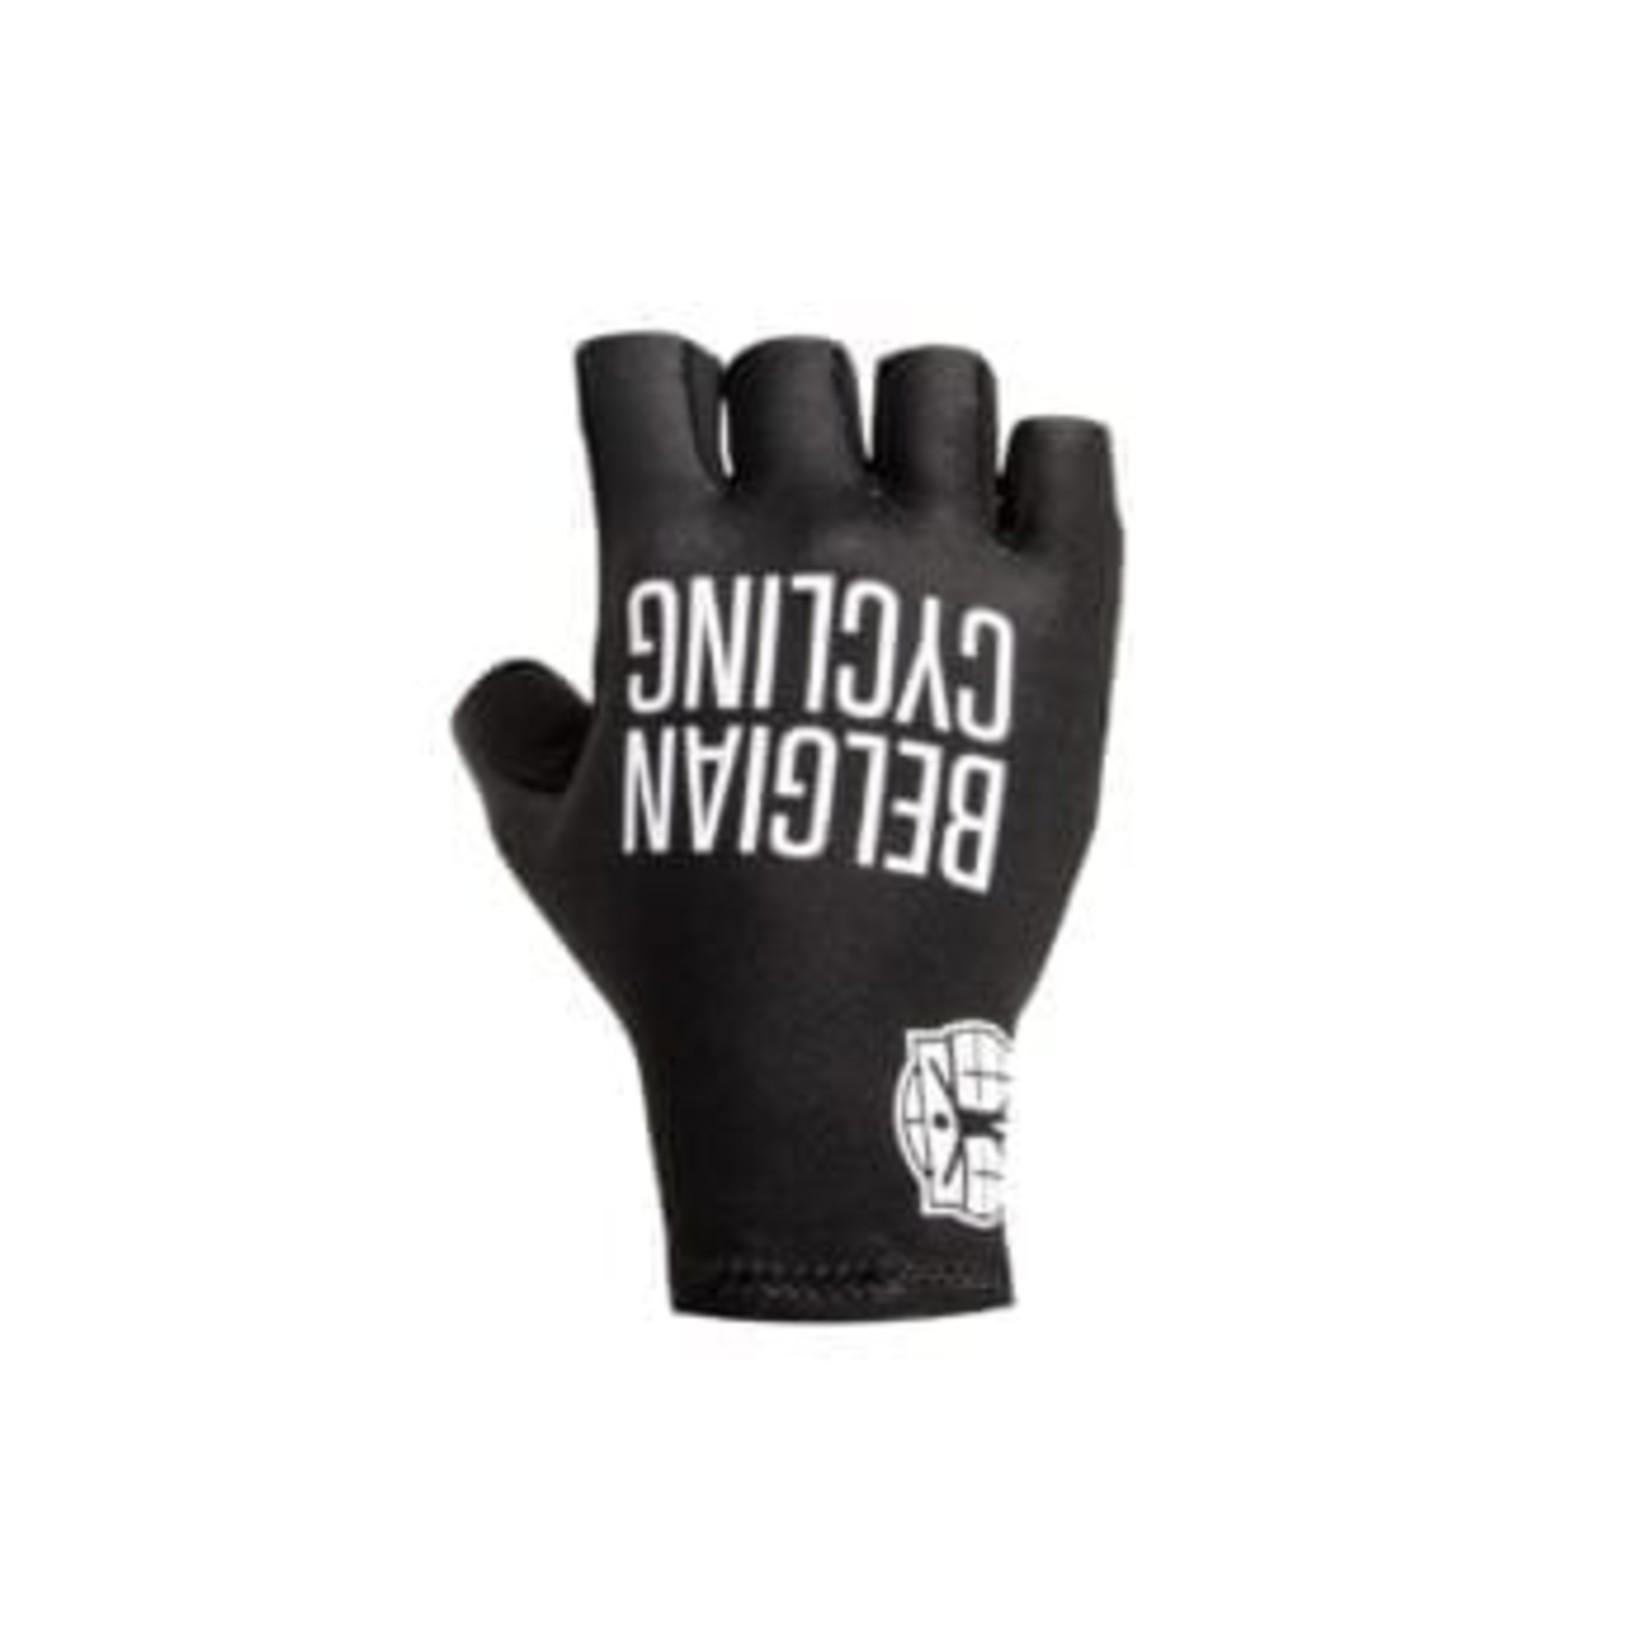 Belgian cycling team handschoenen